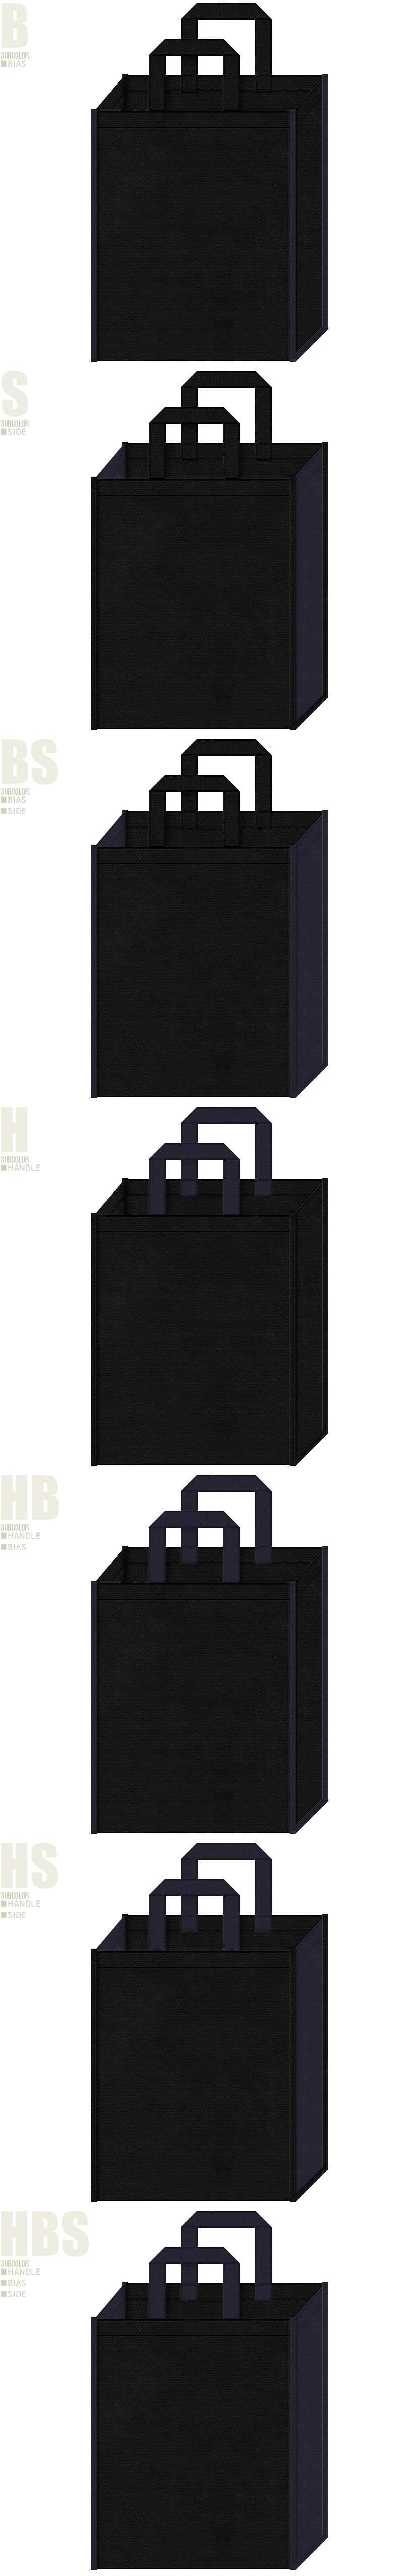 深海・闇夜・地下・アクション・シューティング・対戦型格闘ゲーム・ミステリー・ホラーゲームの展示会用バッグにお奨めの不織布バッグデザイン:黒色と濃紺色の配色7パターン